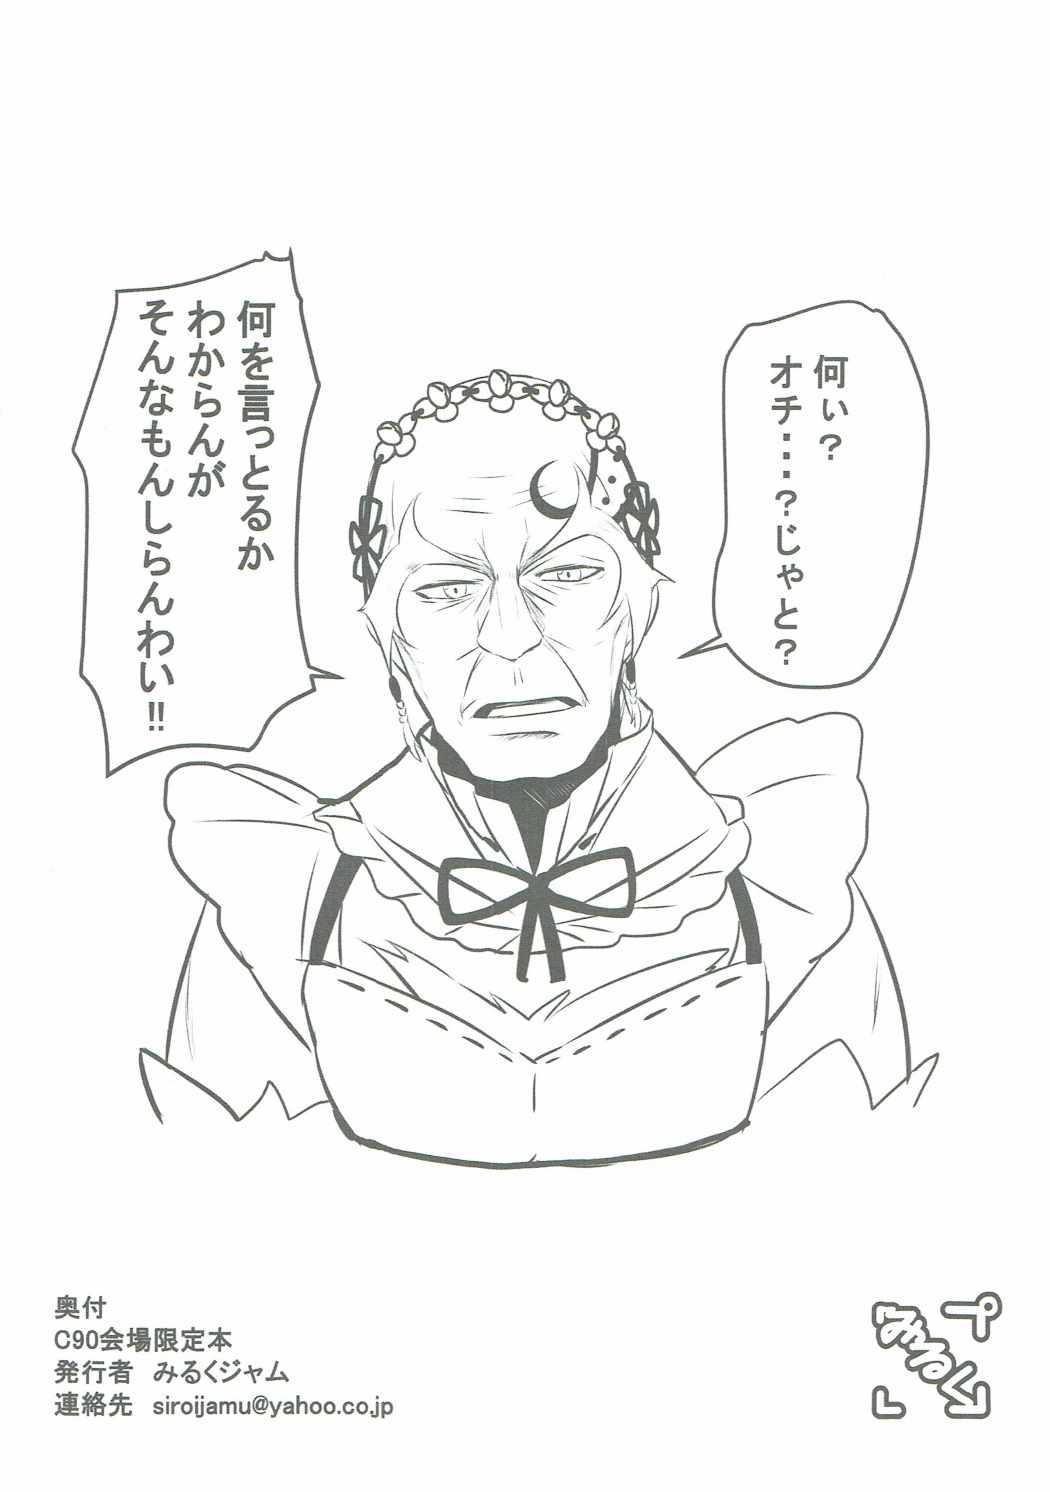 C90 Kaijou Genteibon 7